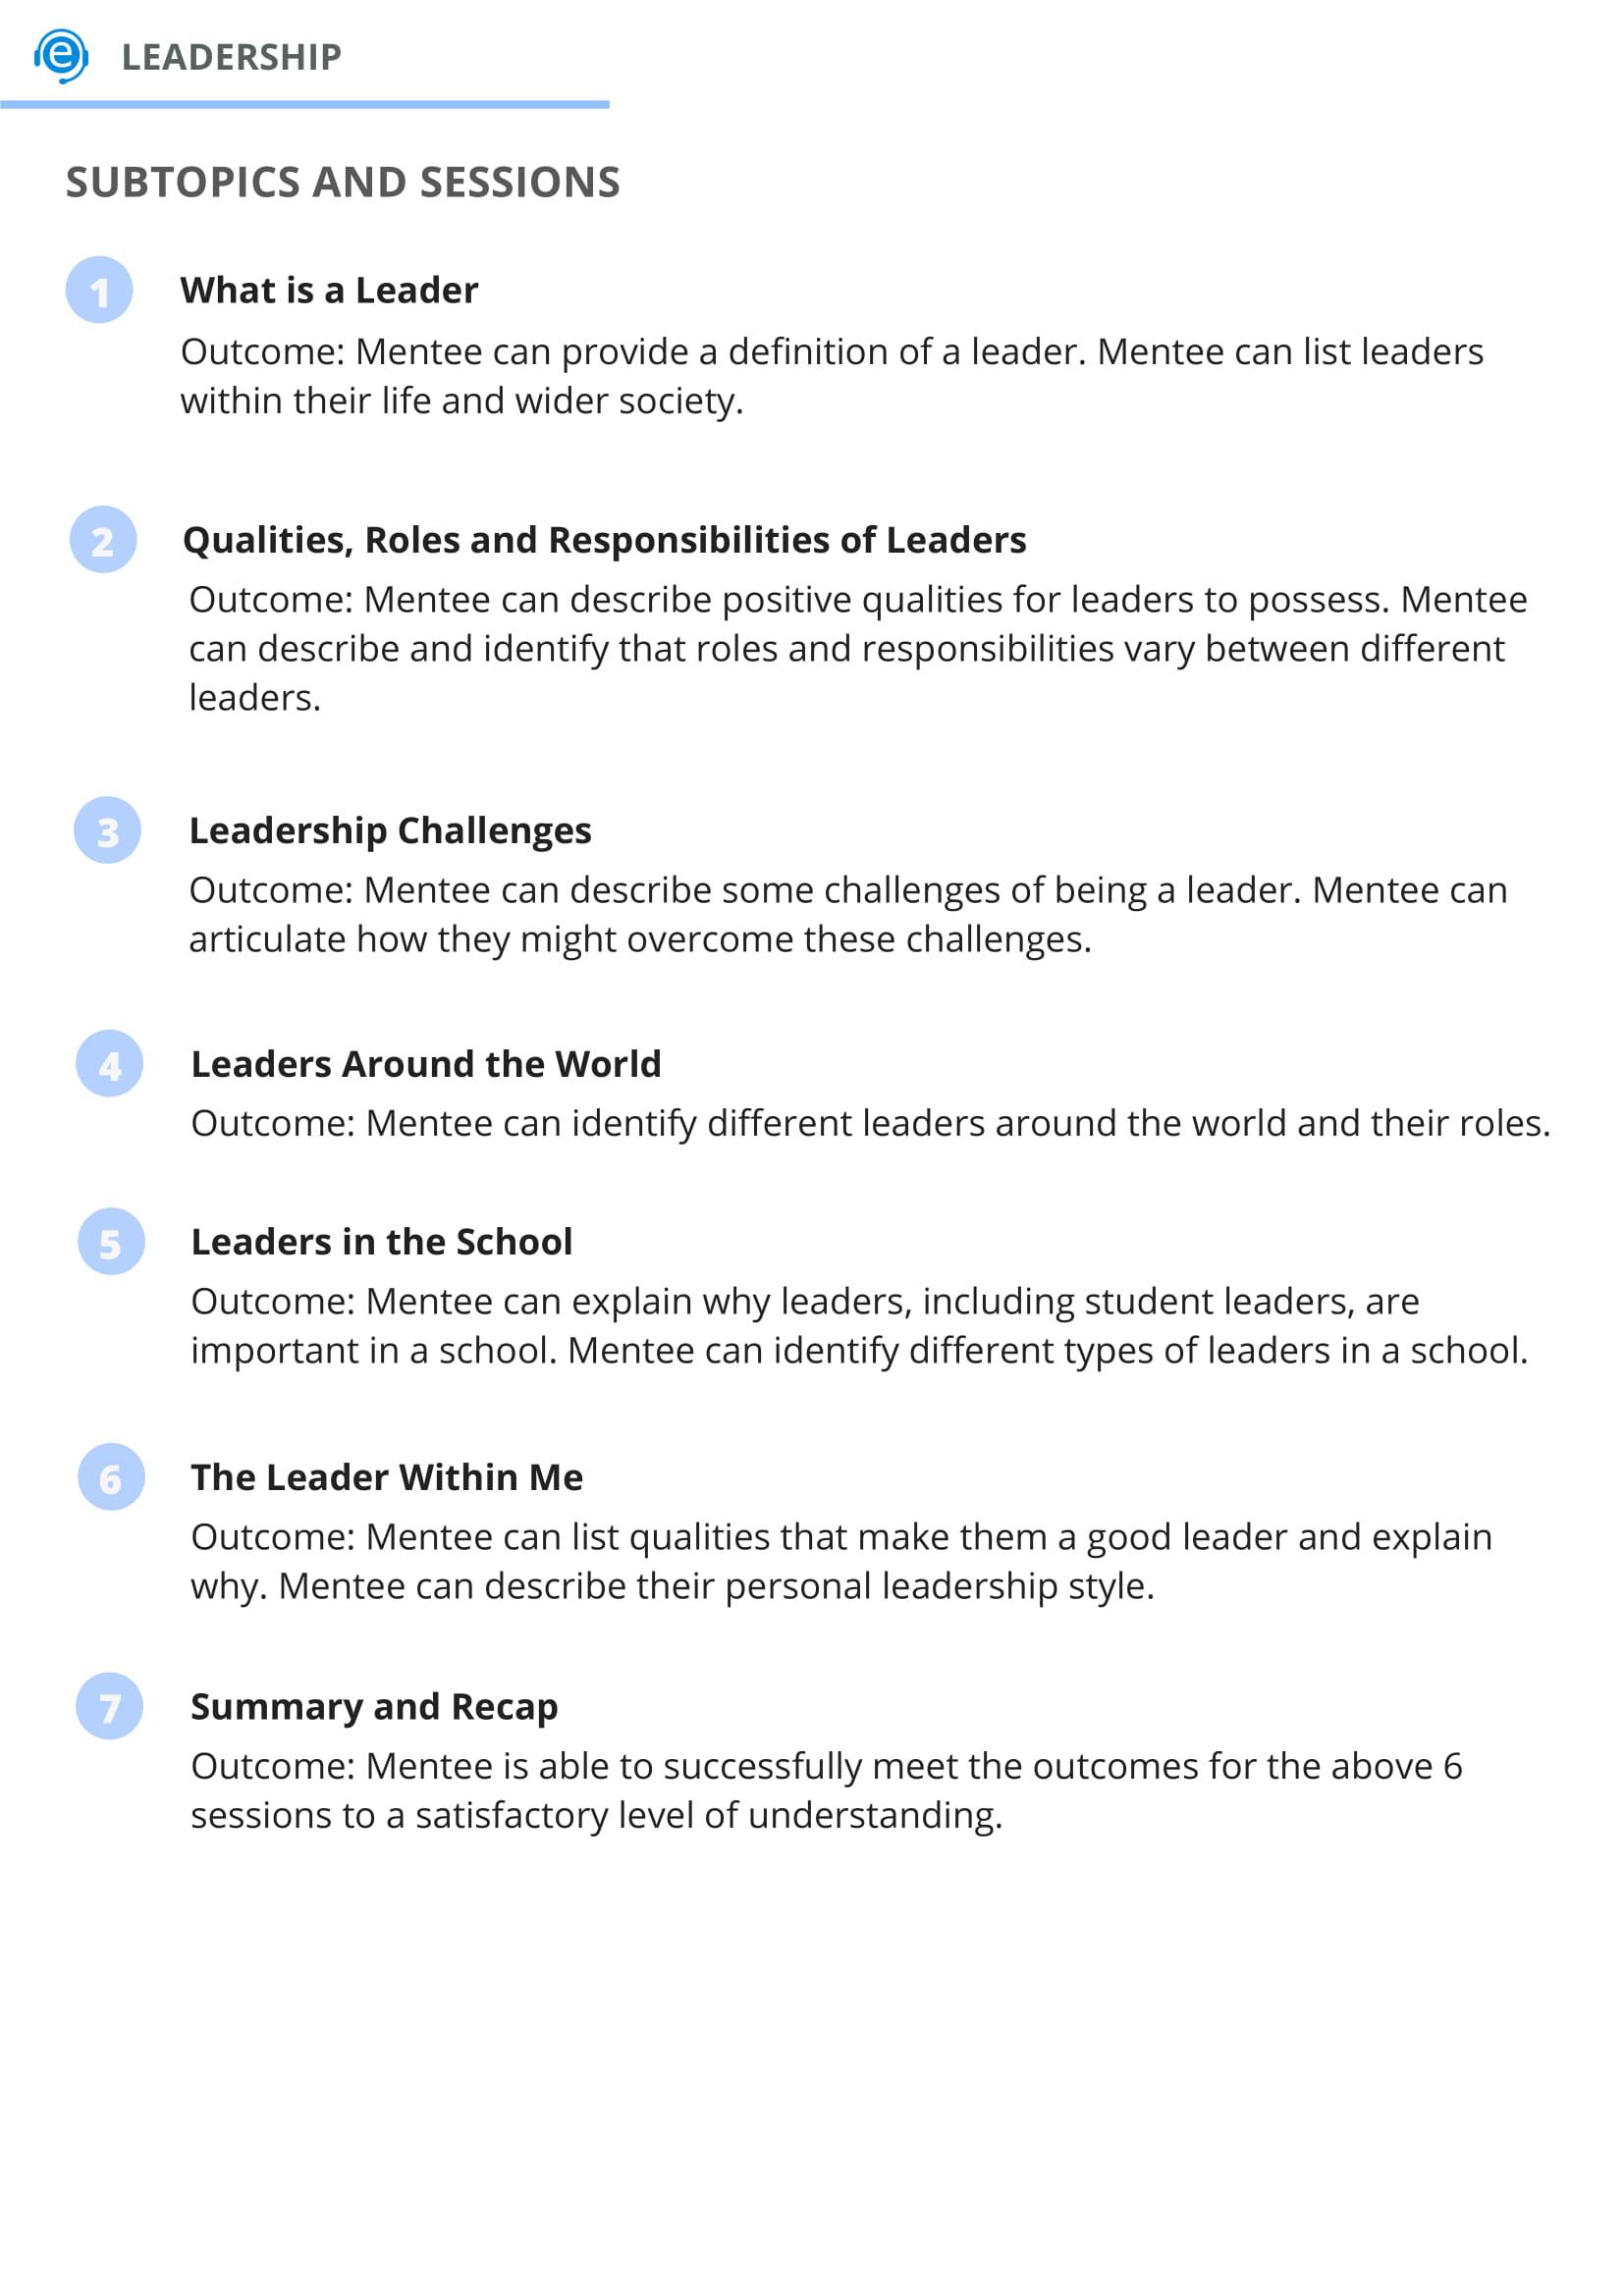 eMentor - Leadership-03.jpg